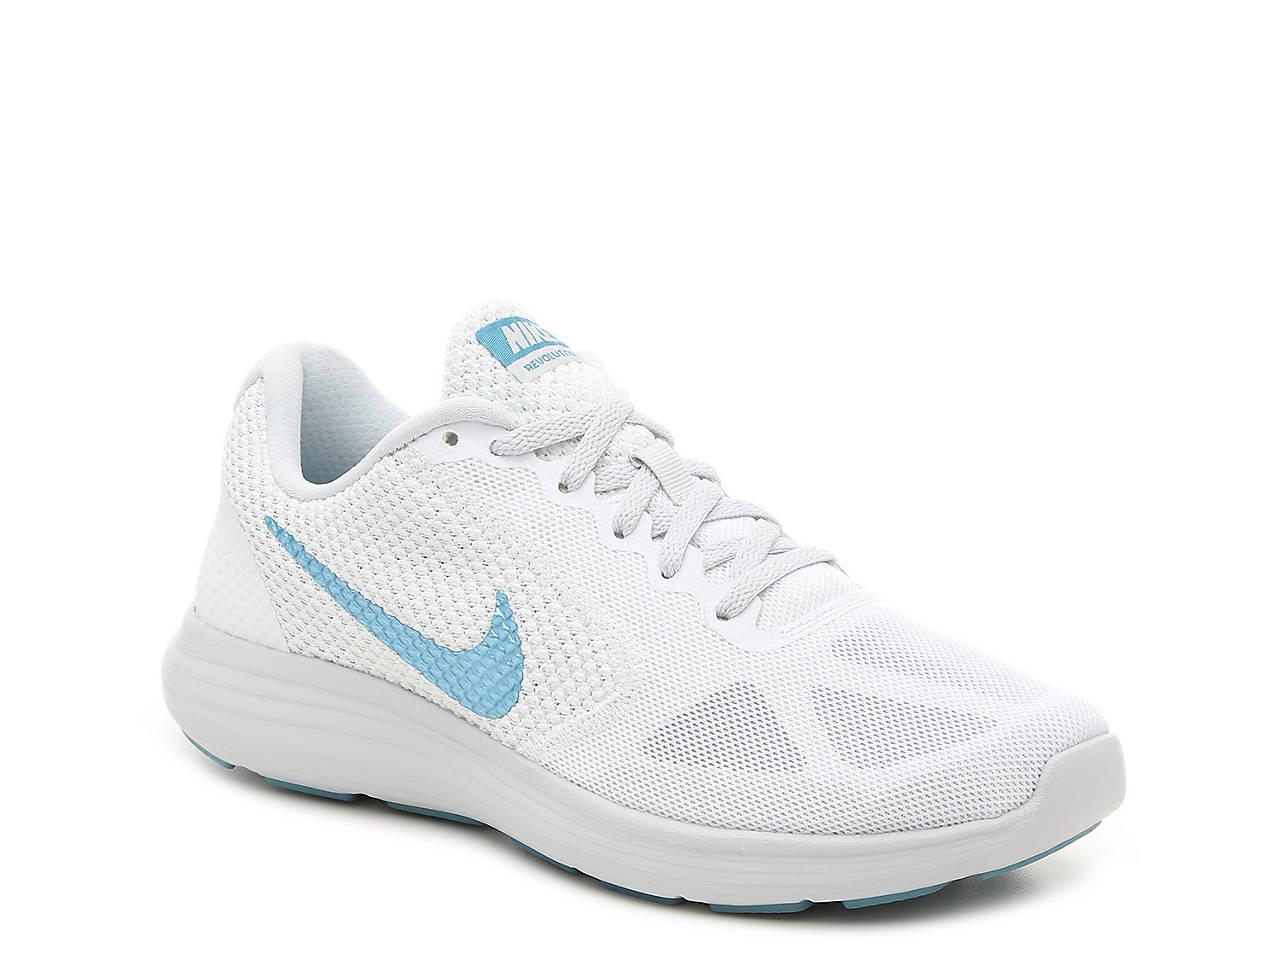 Nike Revolution 3 Lightweight Running Shoe - Women s Women s Shoes  0b08686c8a9d